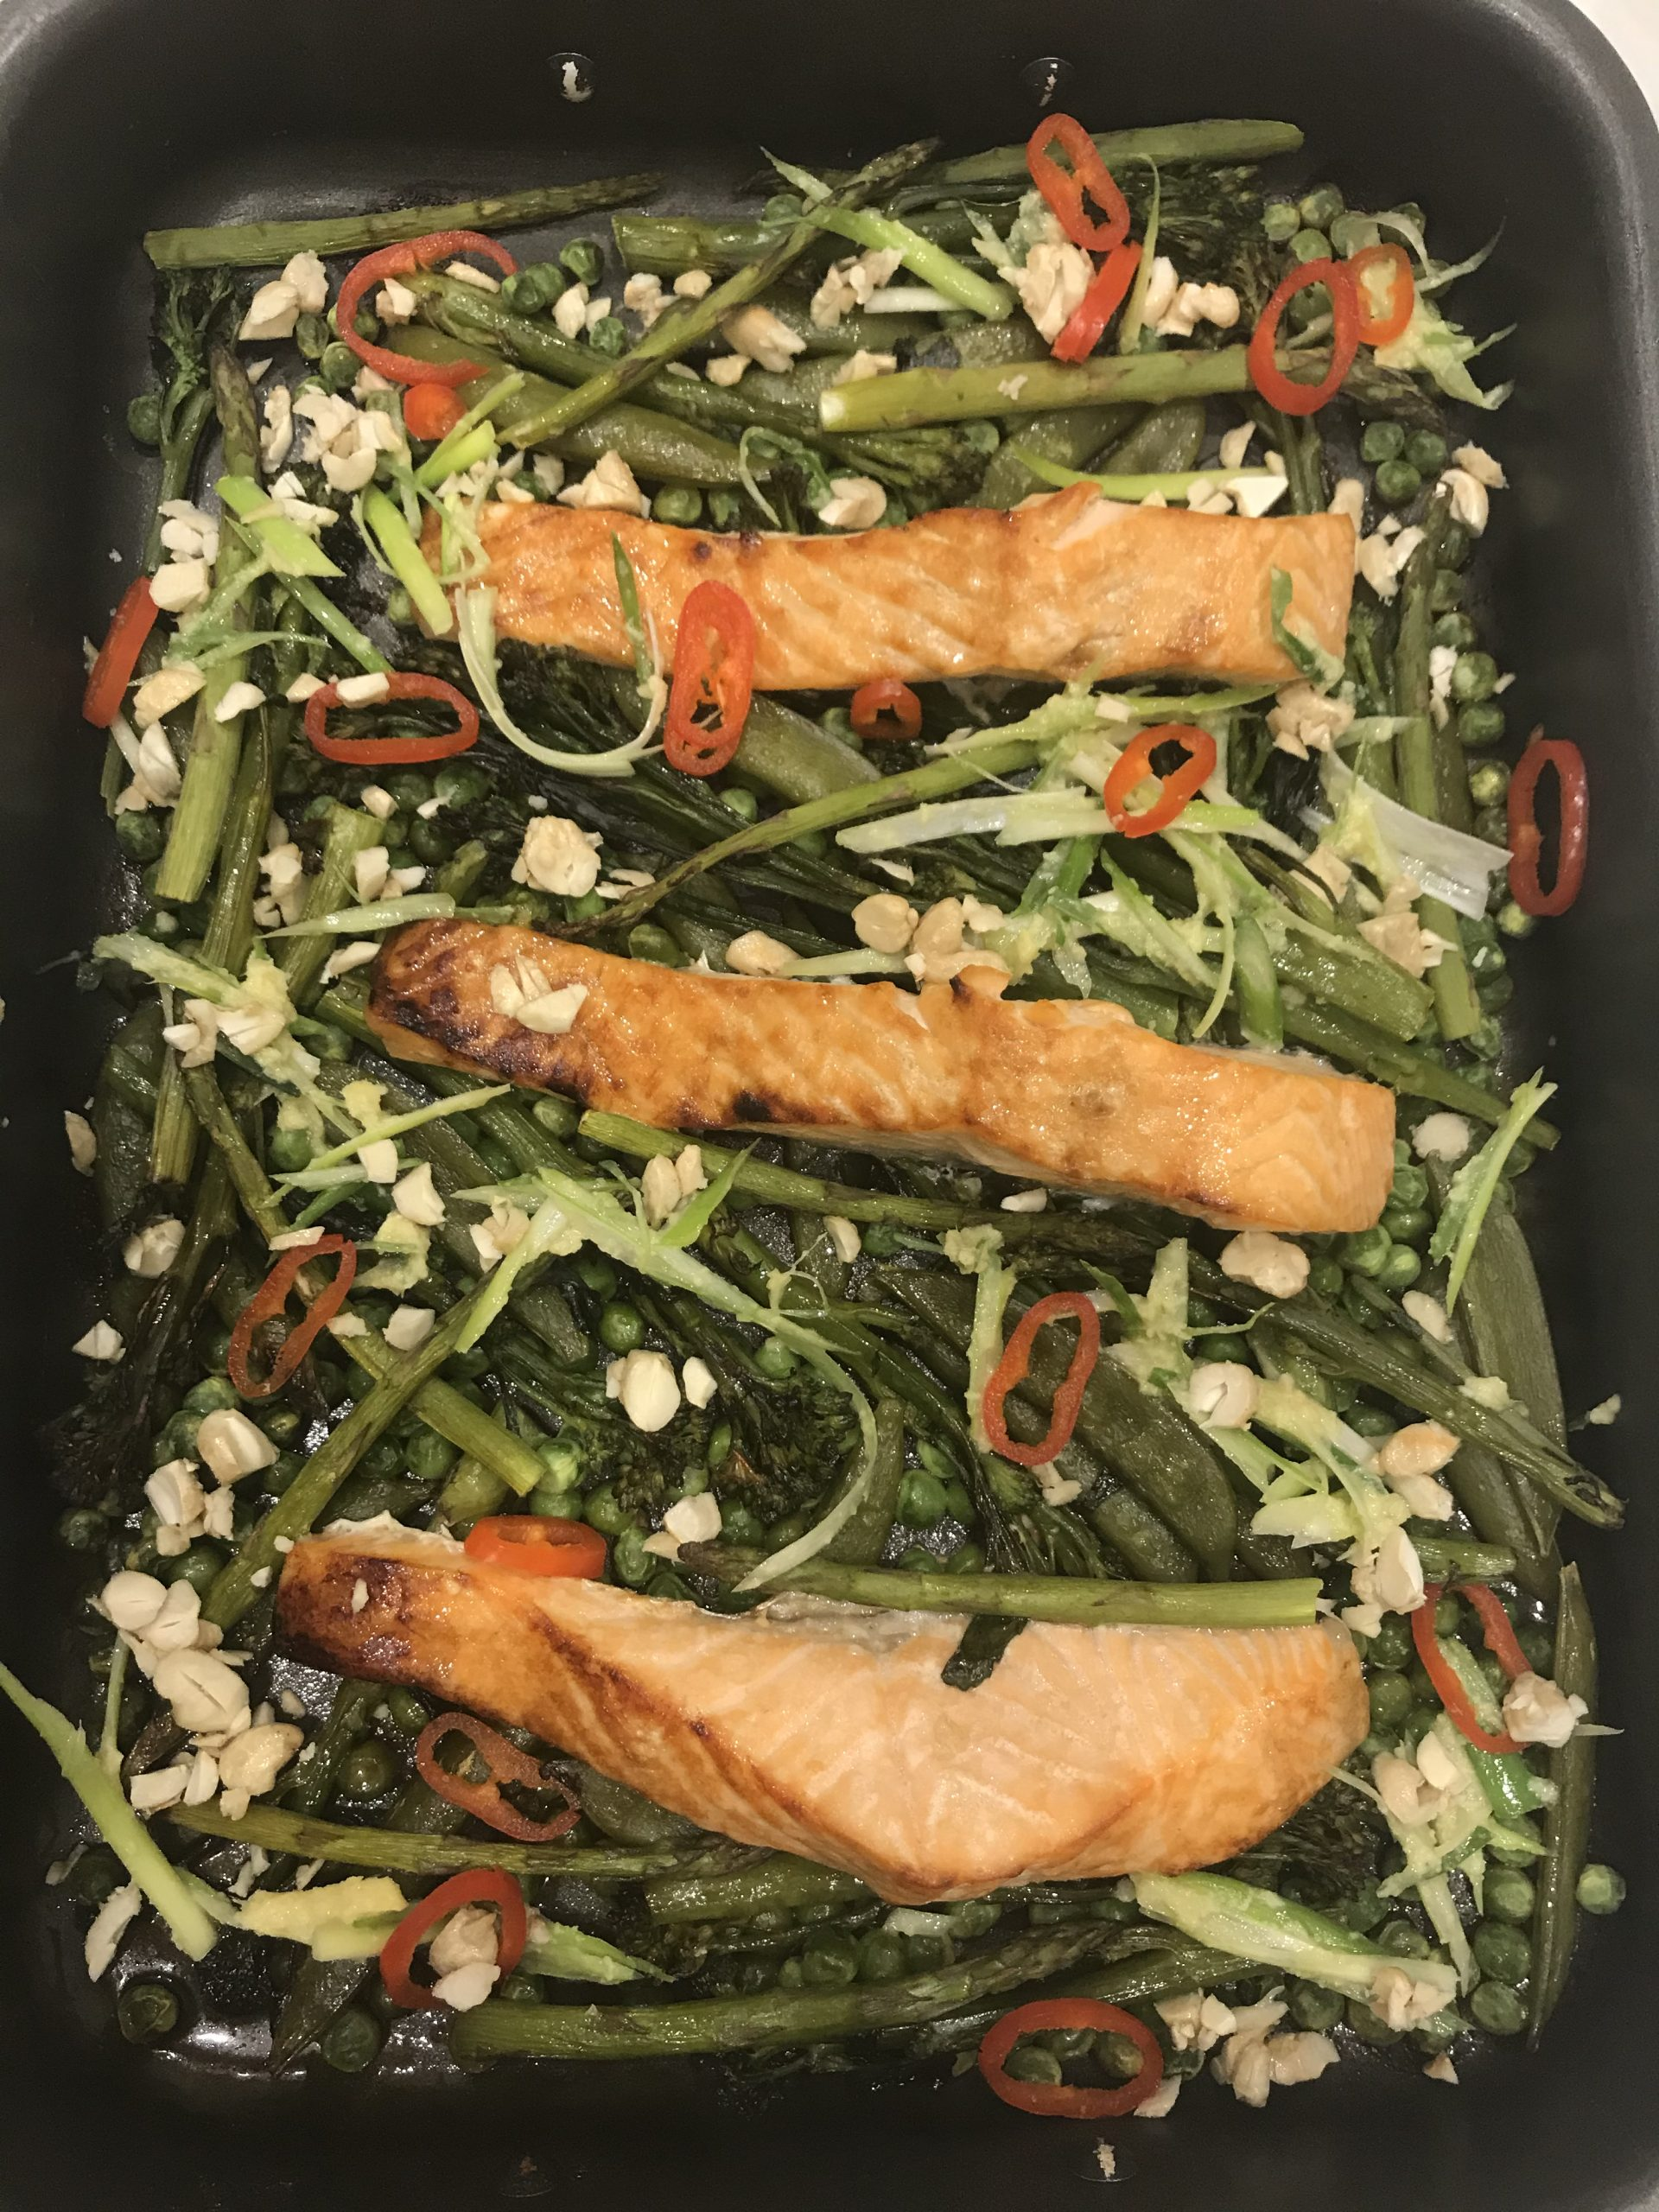 Easy Salmon Tray Bake